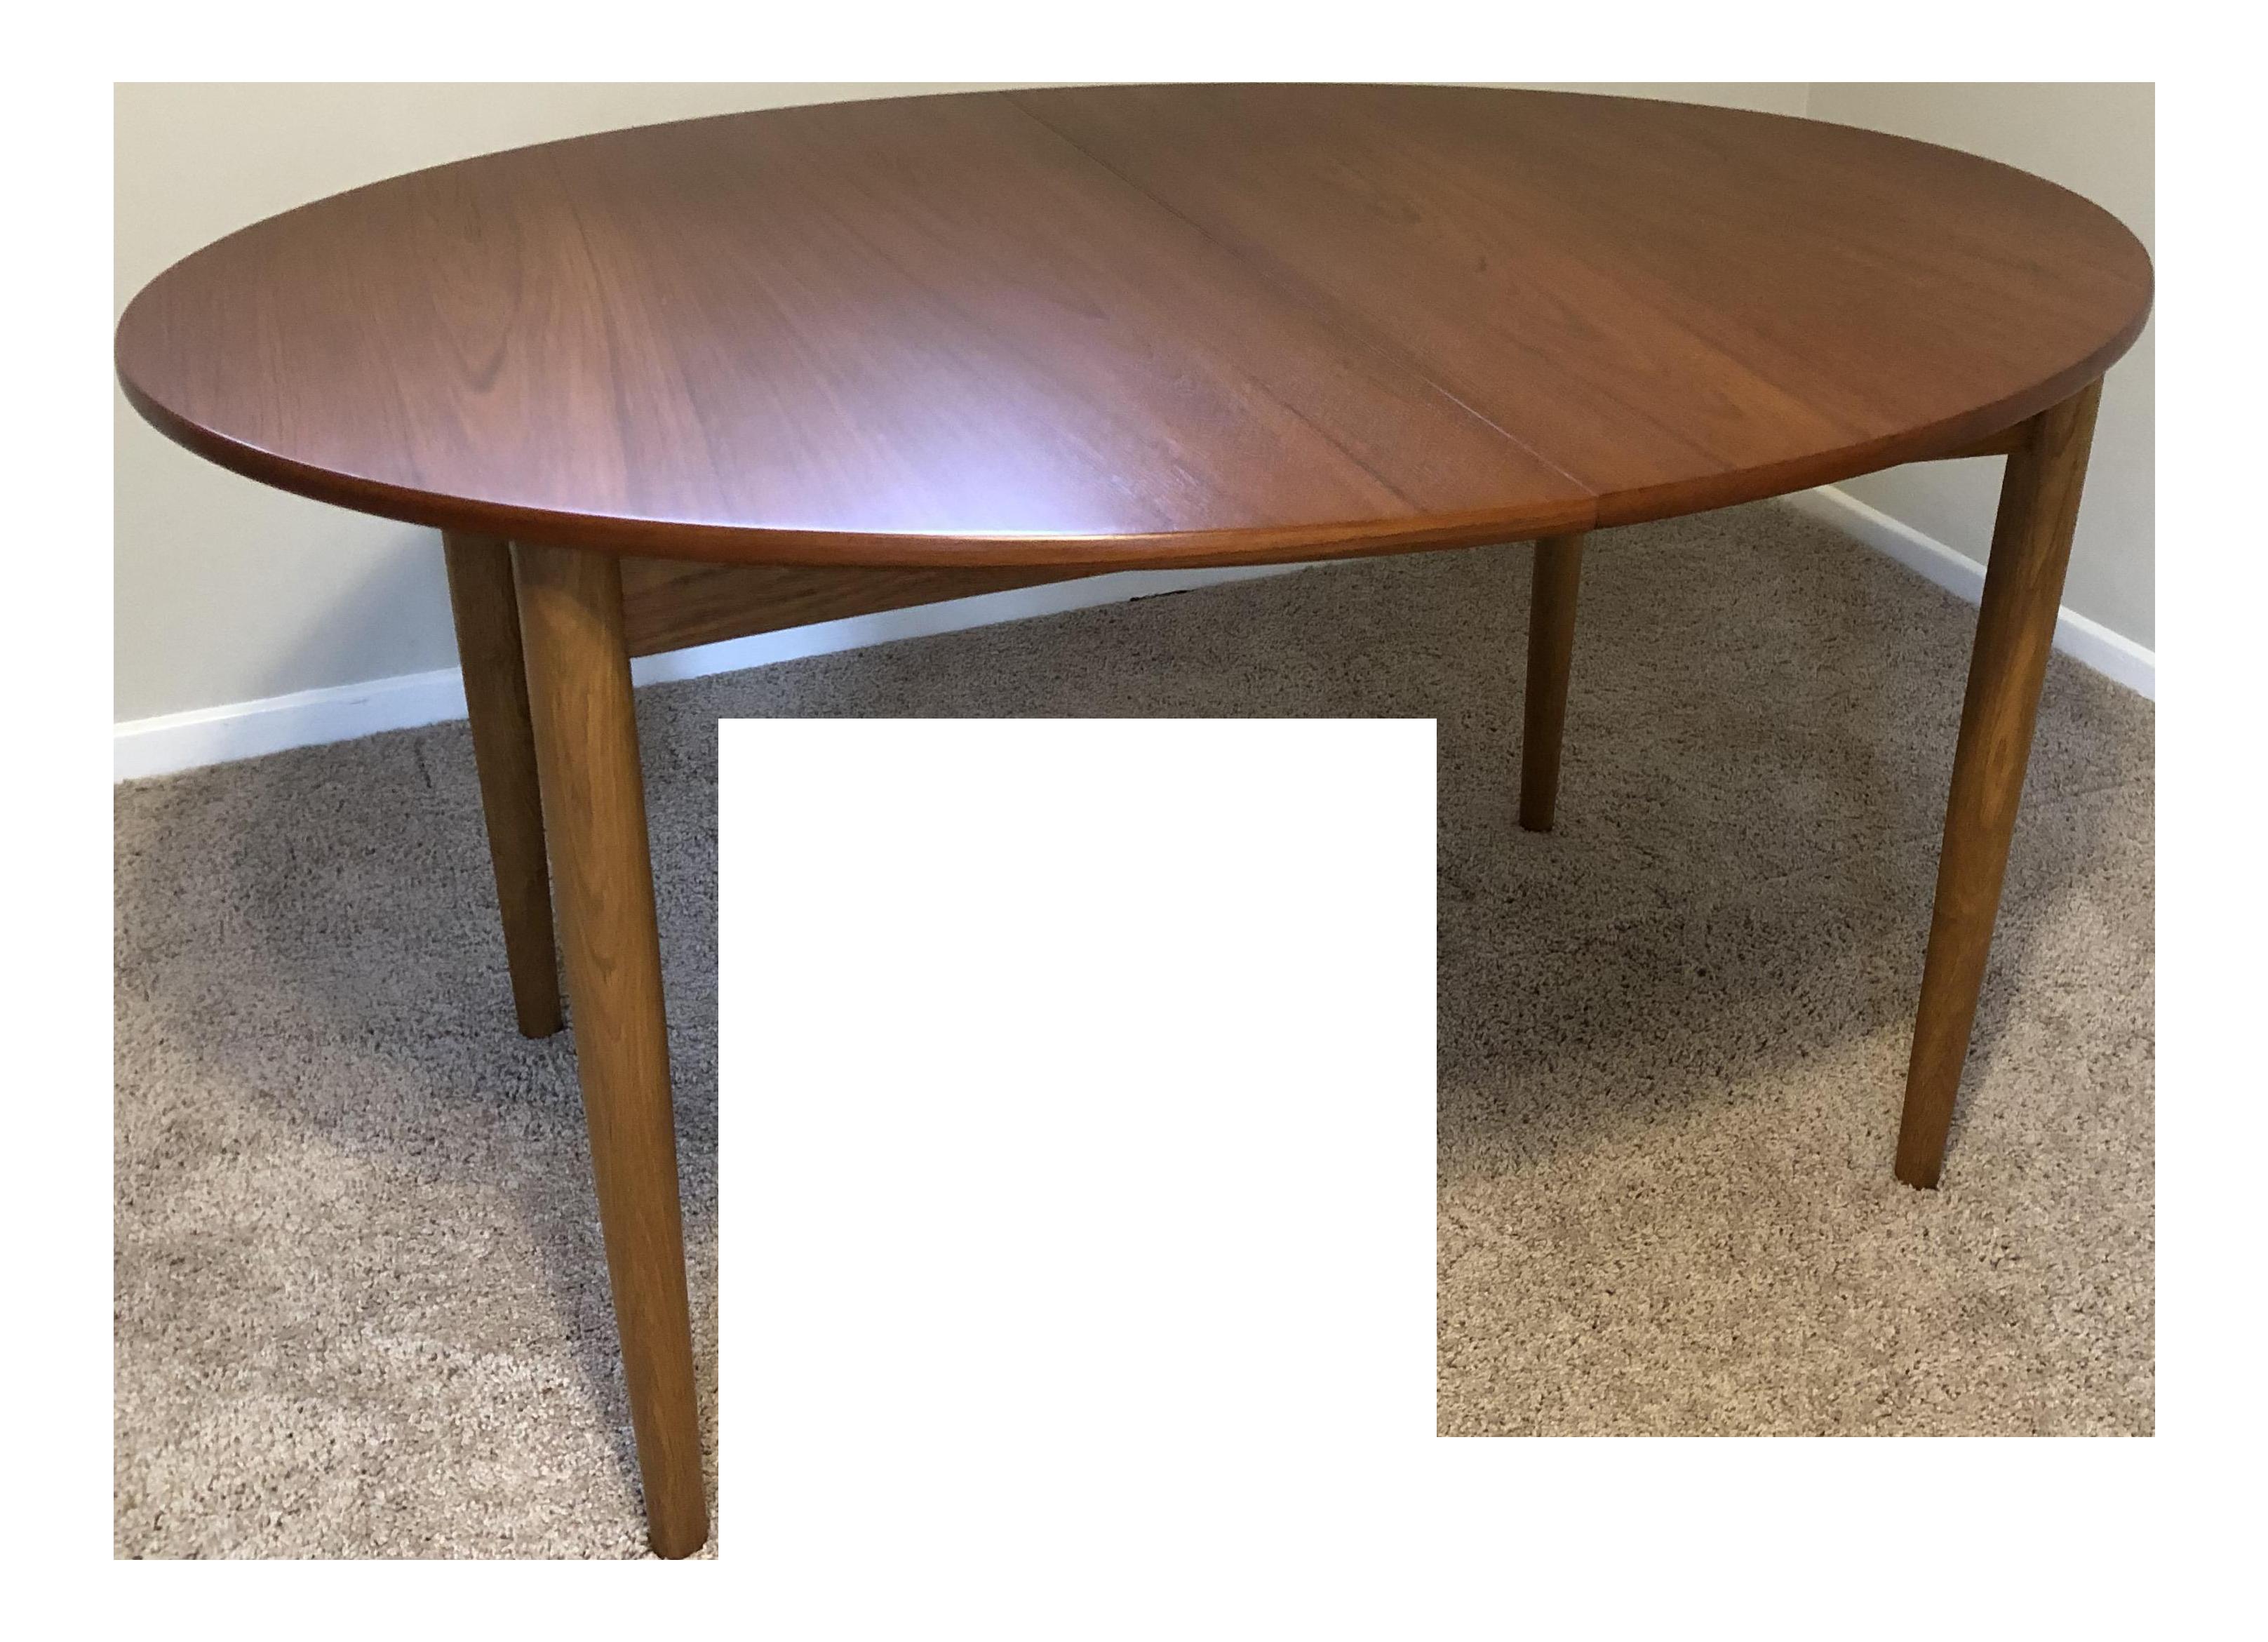 Borge Mogensen Danish Modern Teak Dining Table